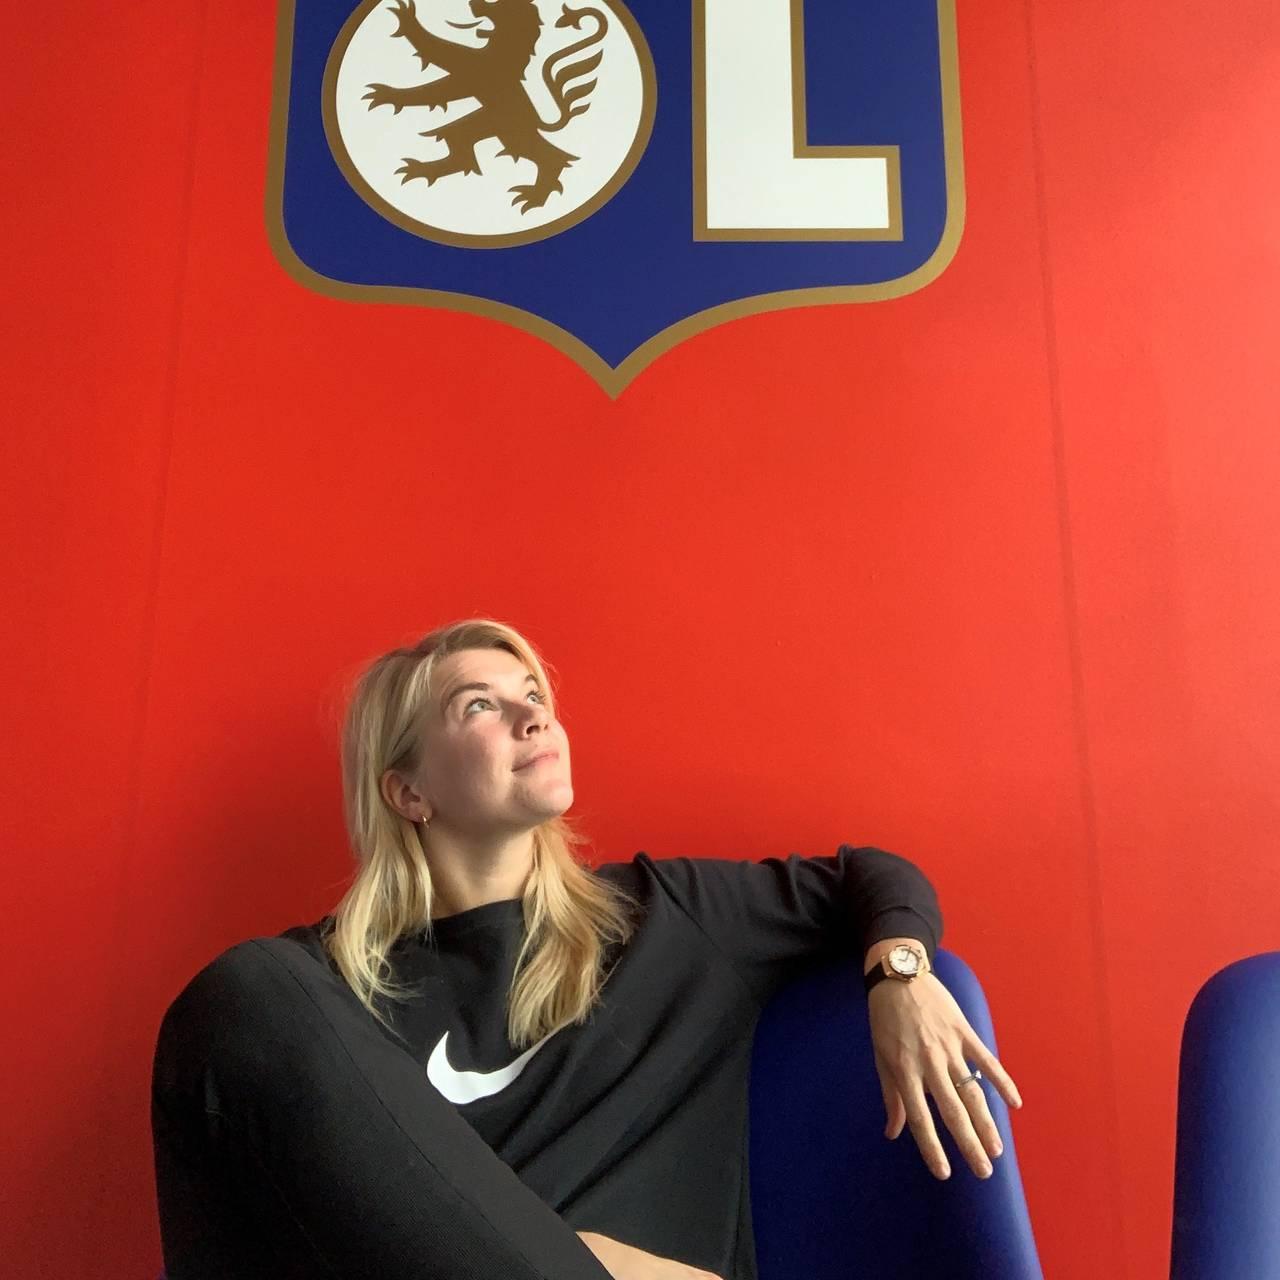 Bilde av Hegerberg får støtte av idrettspresidenten: - Dette er for dårlig